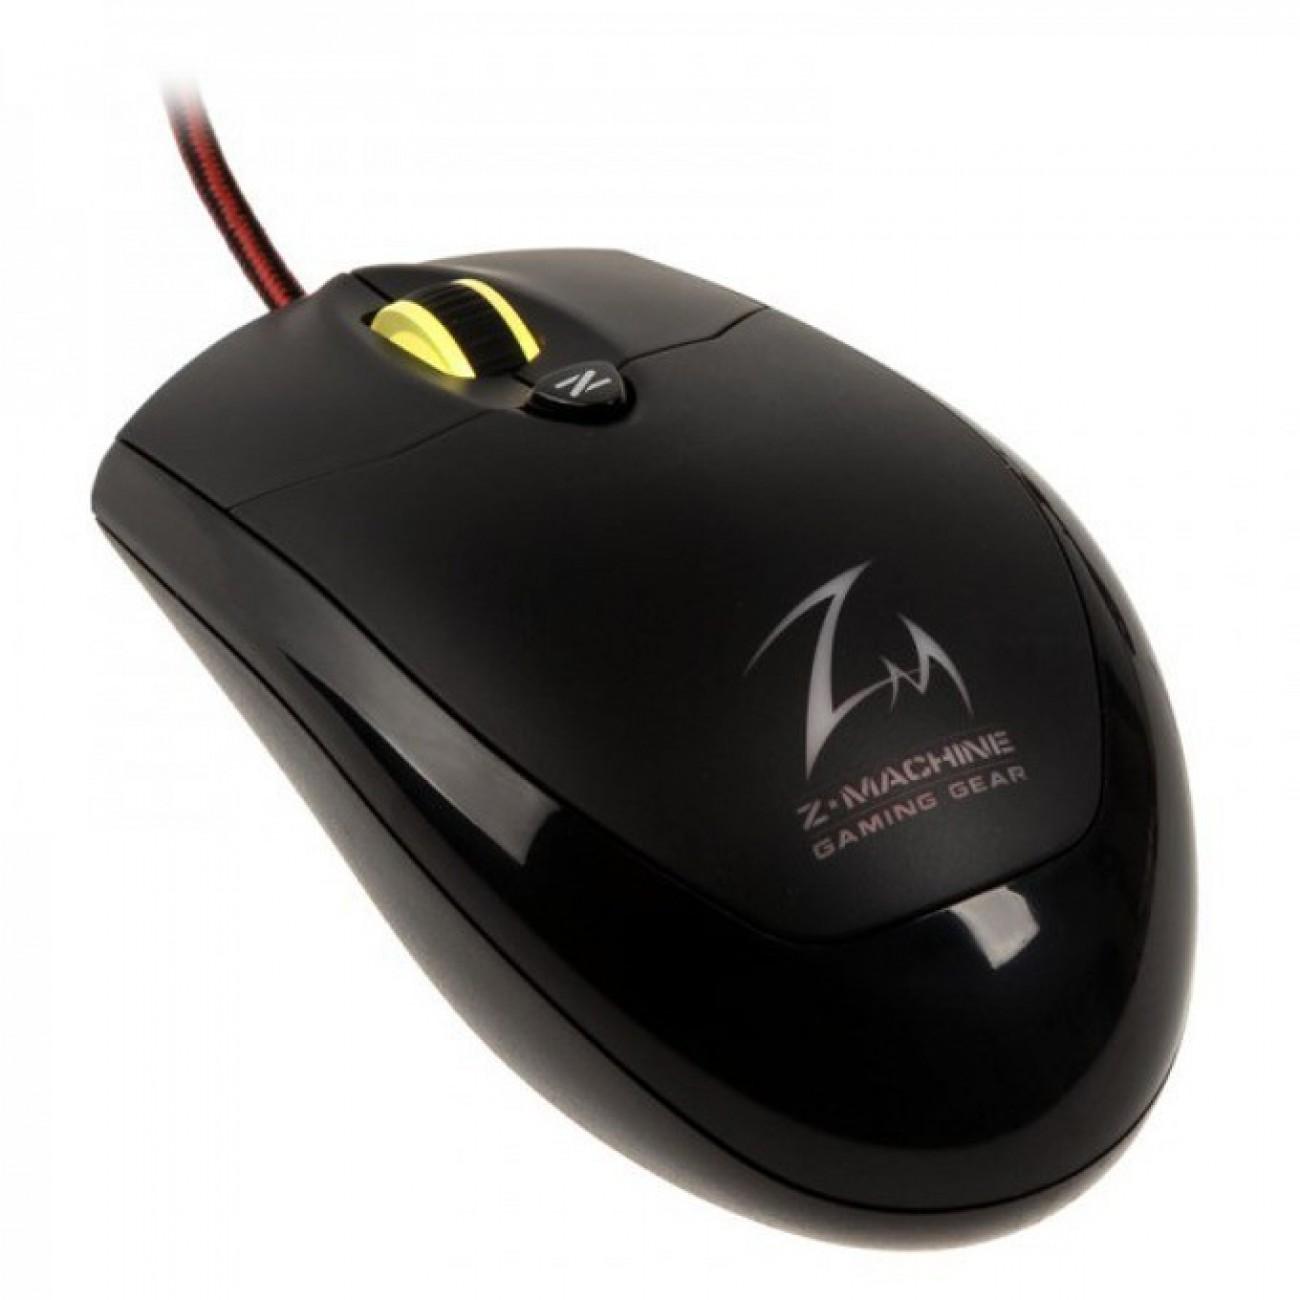 Мишка Zalman M600R, гейминг, оптична (4000 dpi), USB, подсветка, черна в Мишки -    Alleop